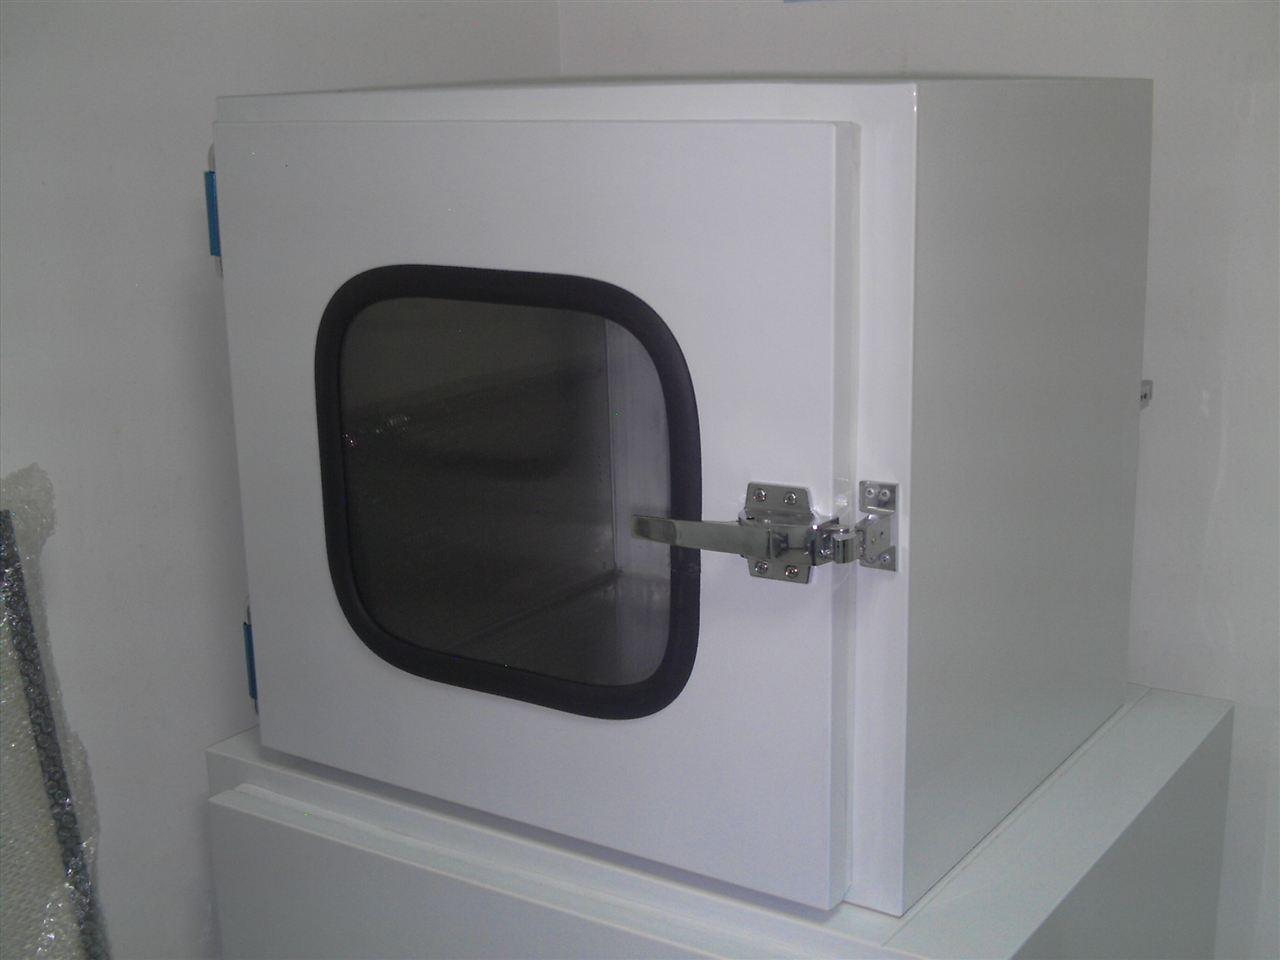 电子互锁装置:内部采用集成电路,电磁锁,控制面板,指示灯等实现